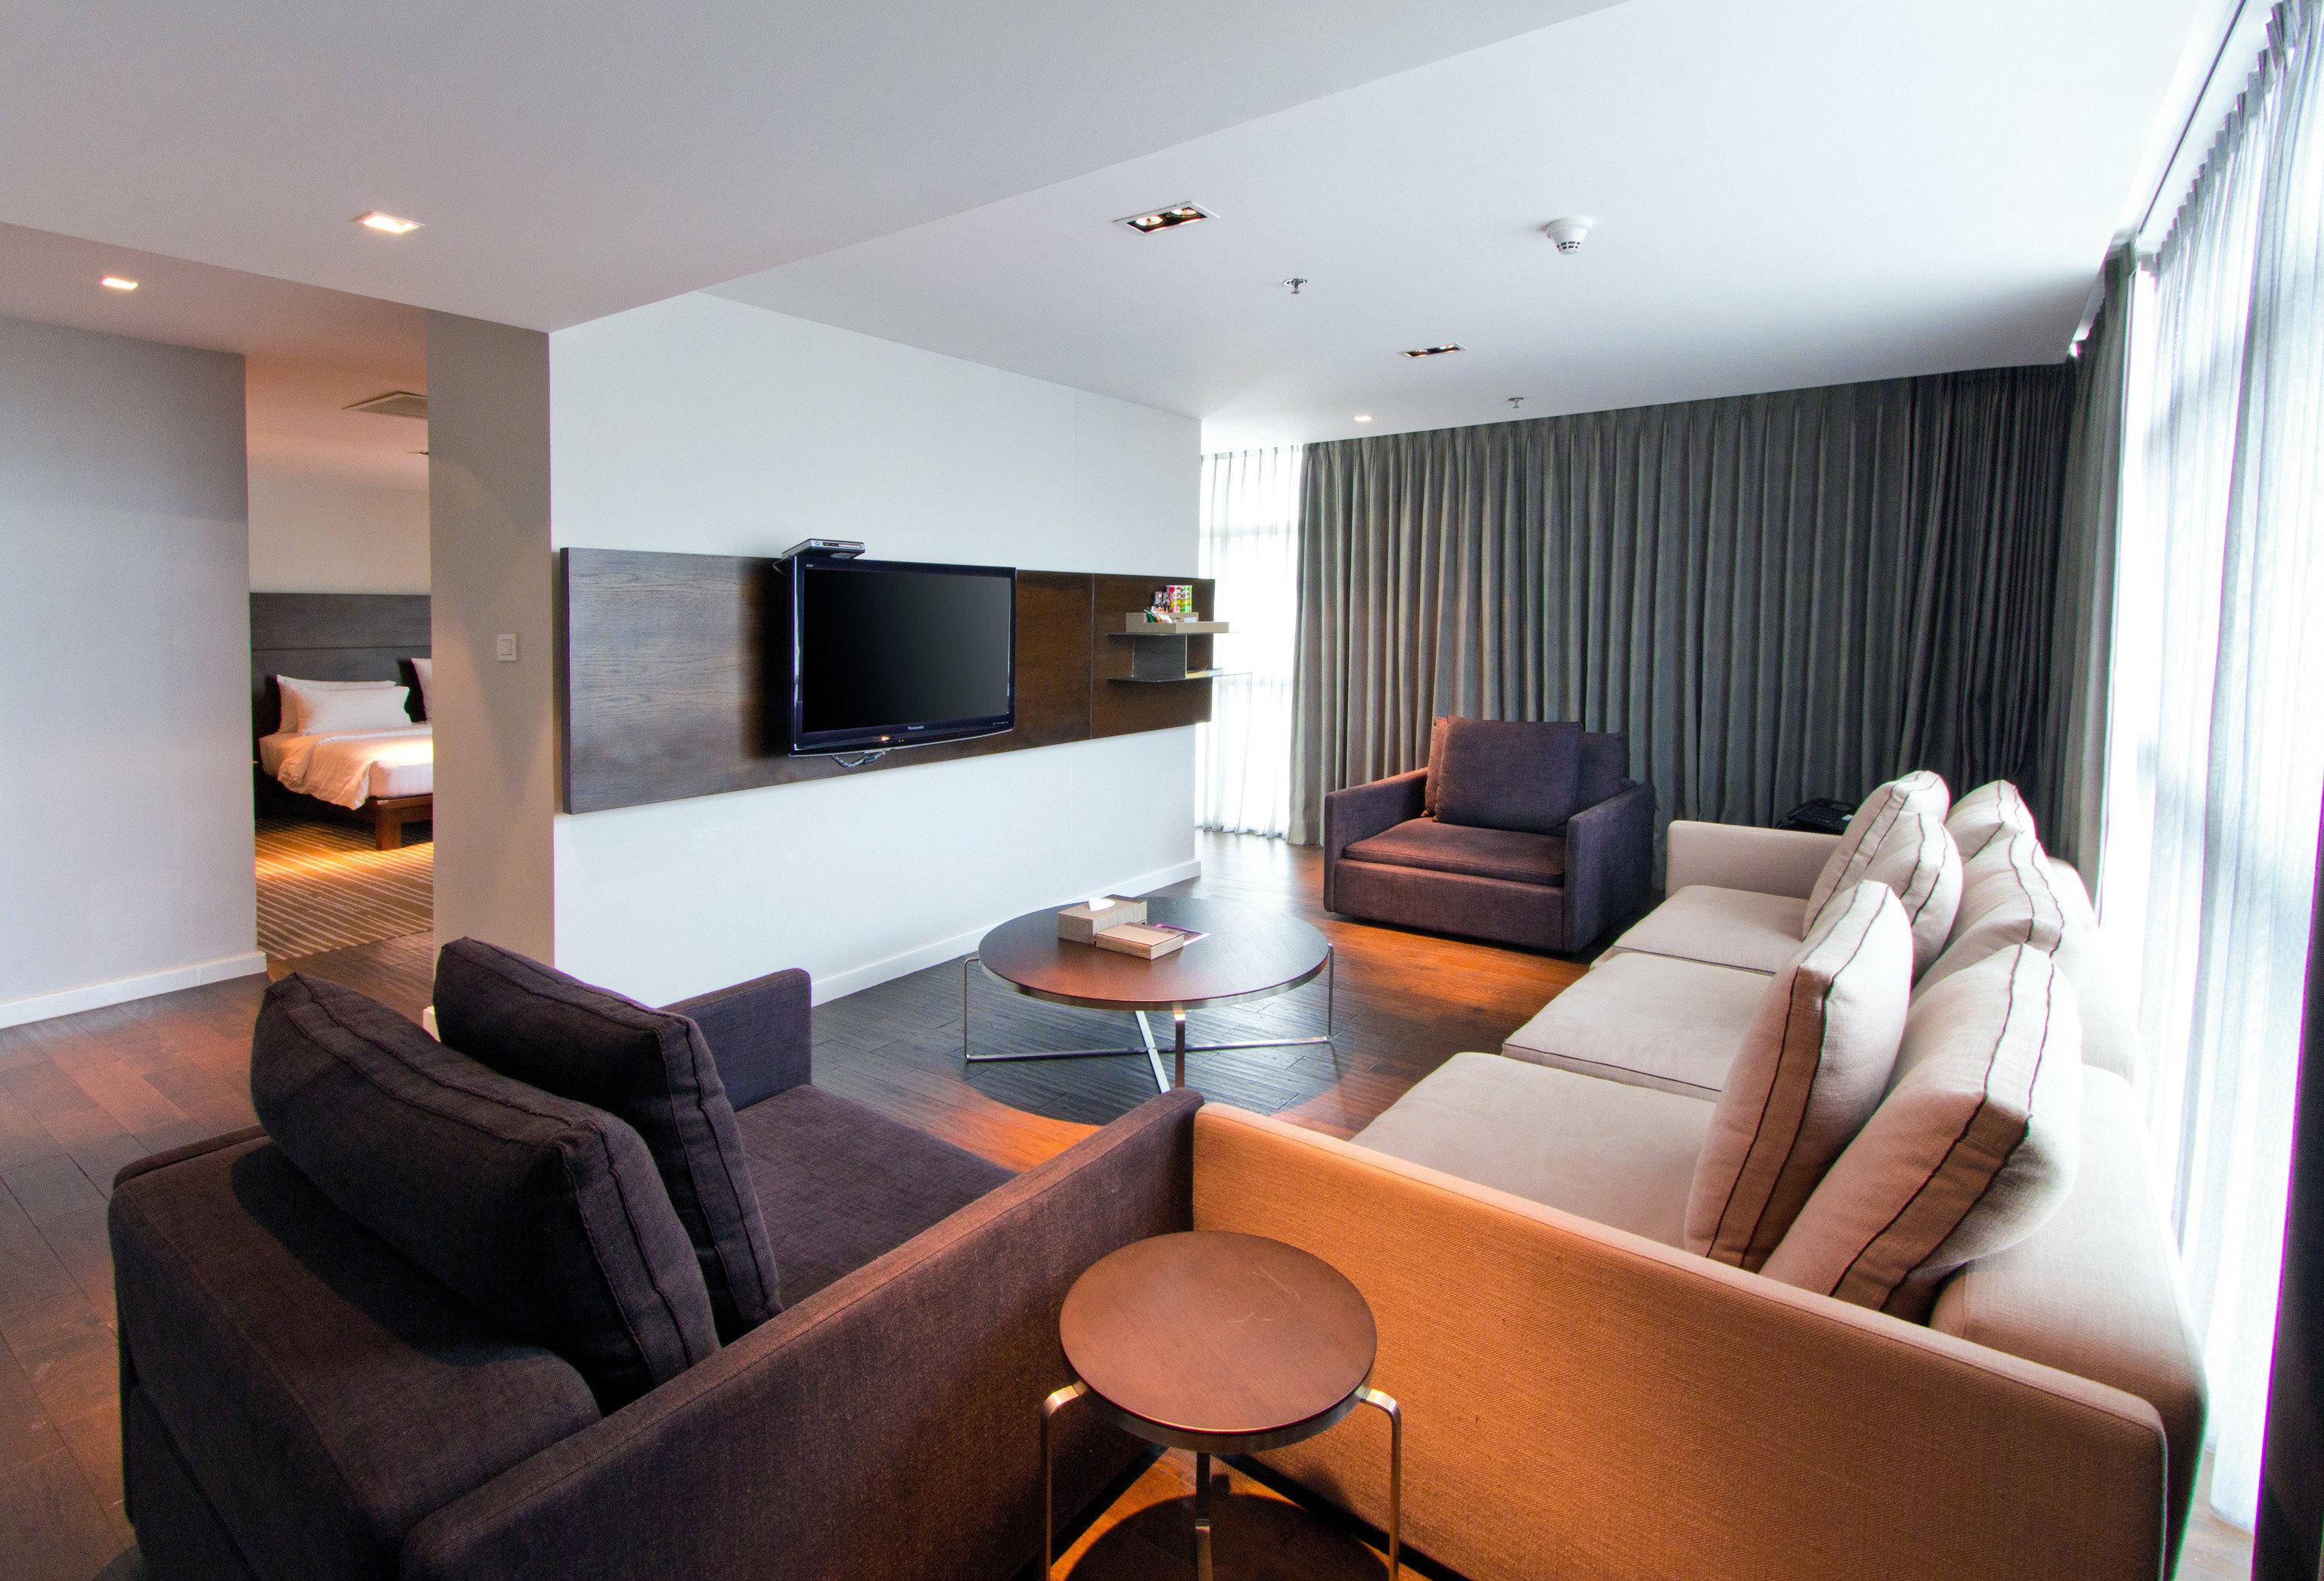 sofa property living room Suite home condominium leather